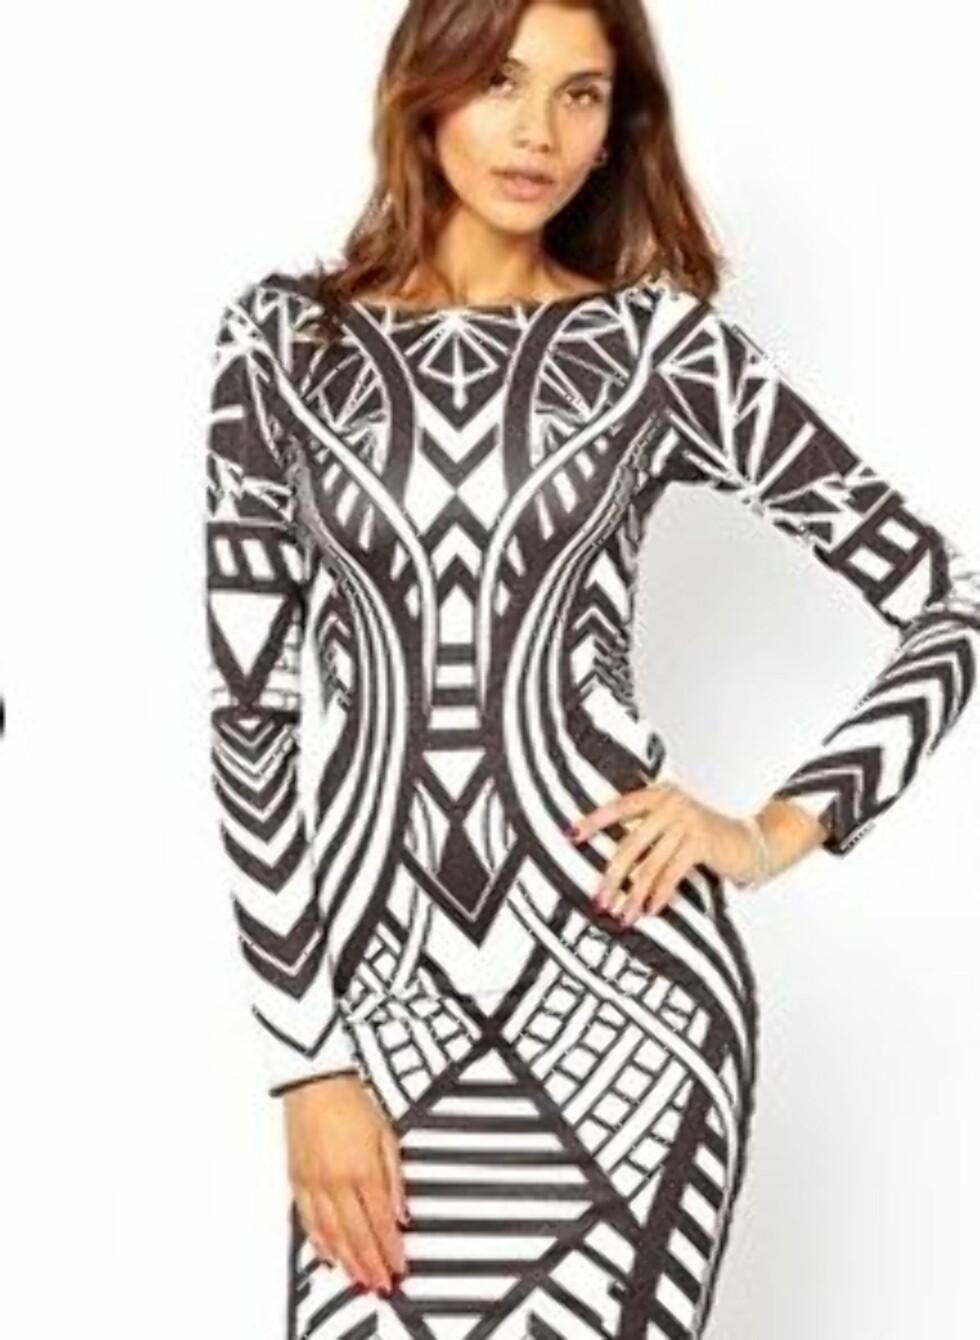 Tettsittende mønstret kjole fra Lipsy. 511 kroner, Asos.com. Foto: Produsenten